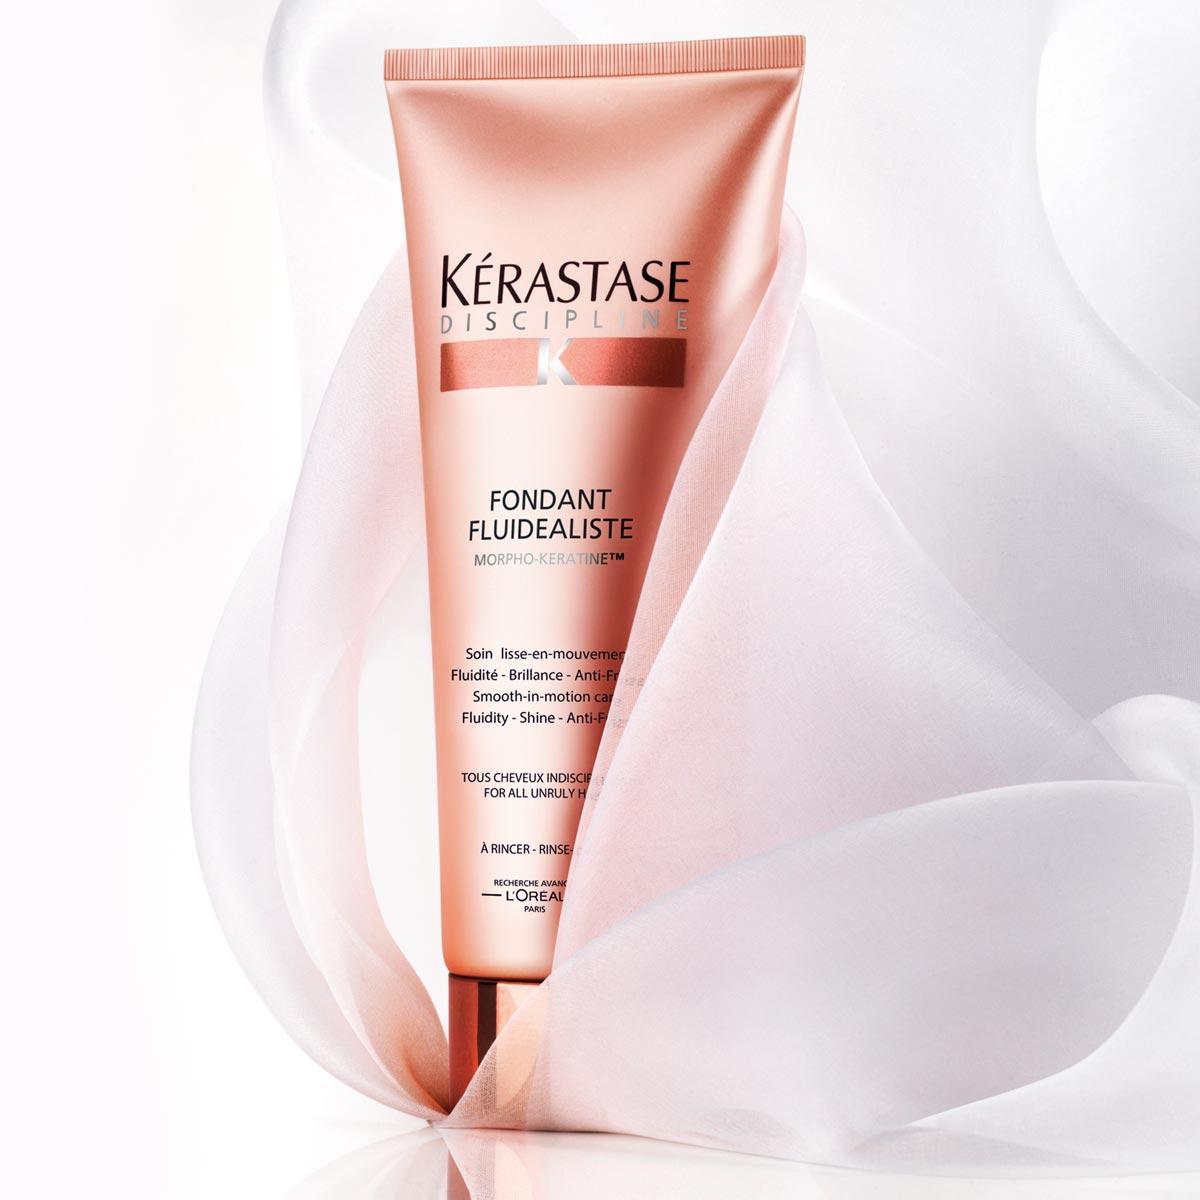 Fondant fluidealiste od Kérastase je uhlazující péče pro všechny vlasy náročné na úpravu, která zanechává vlasy v pohybu.